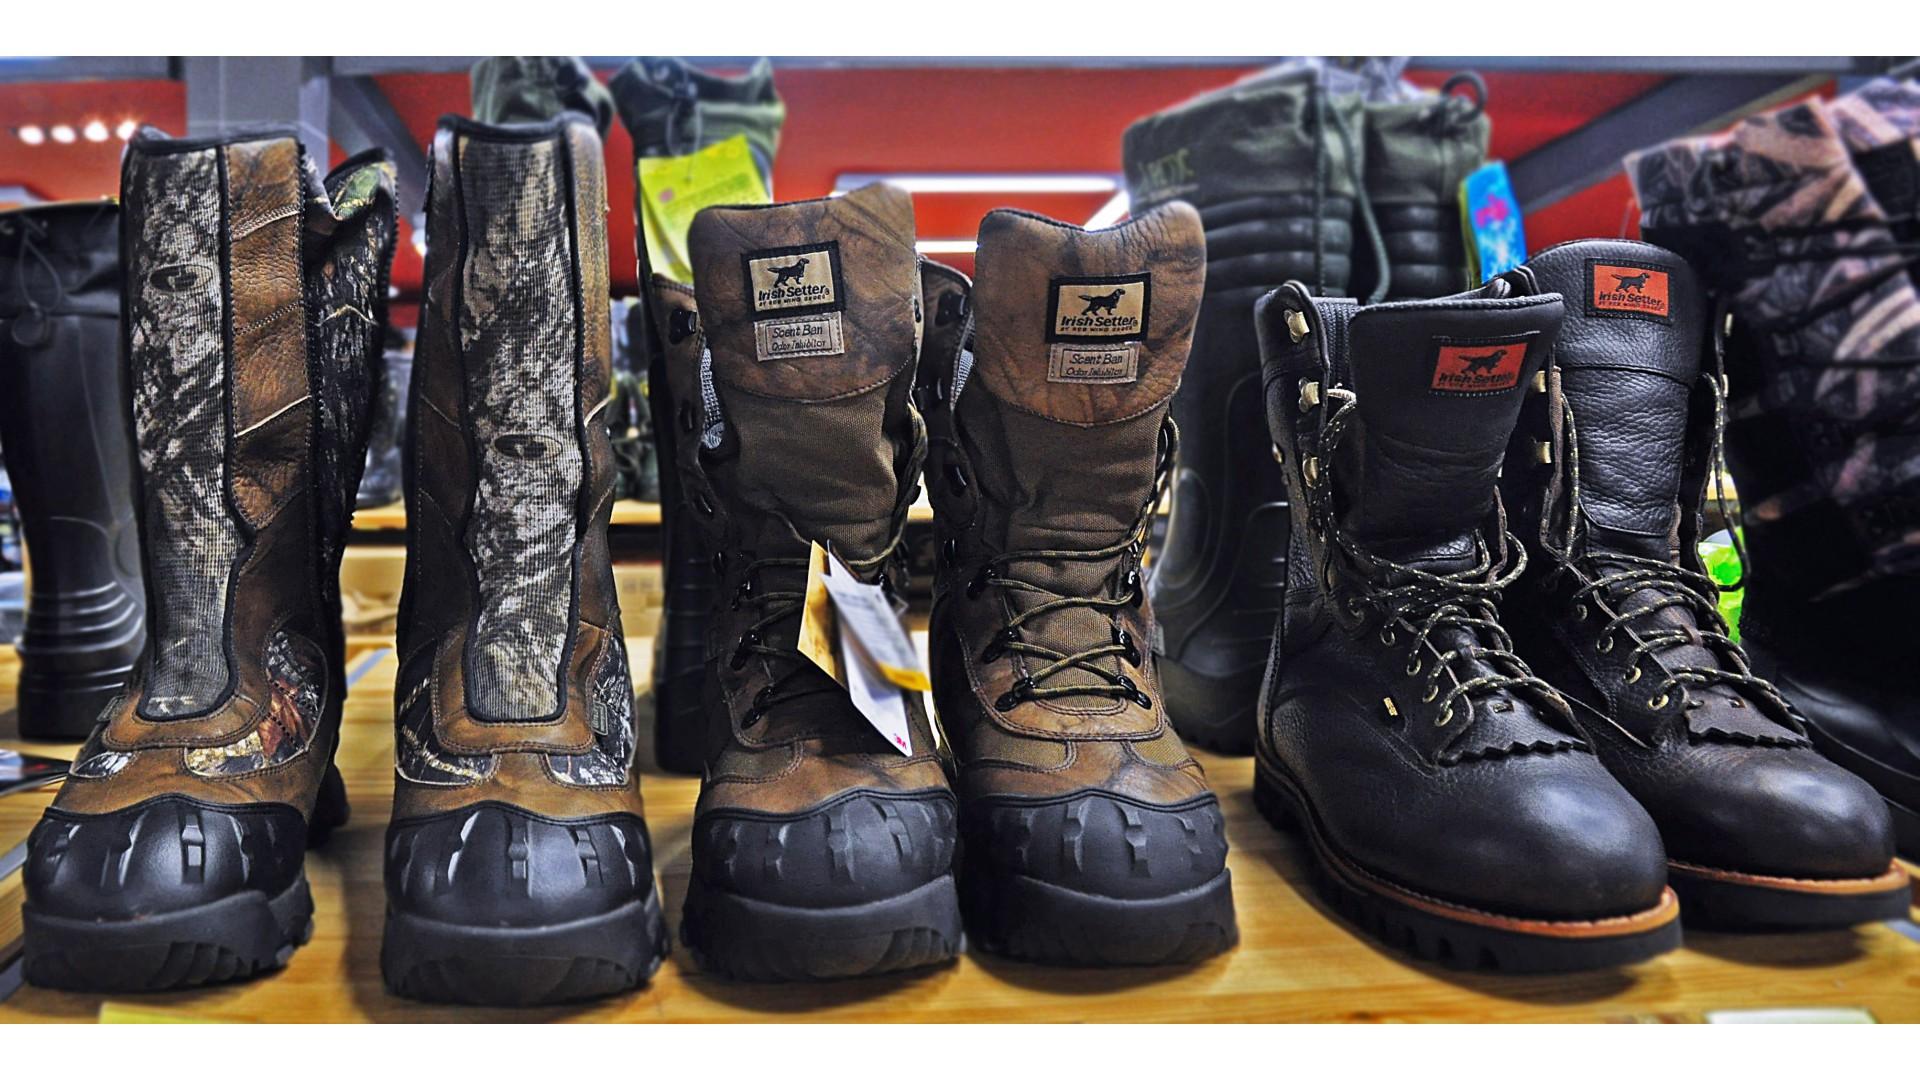 Большой выбор одежды и обуви!